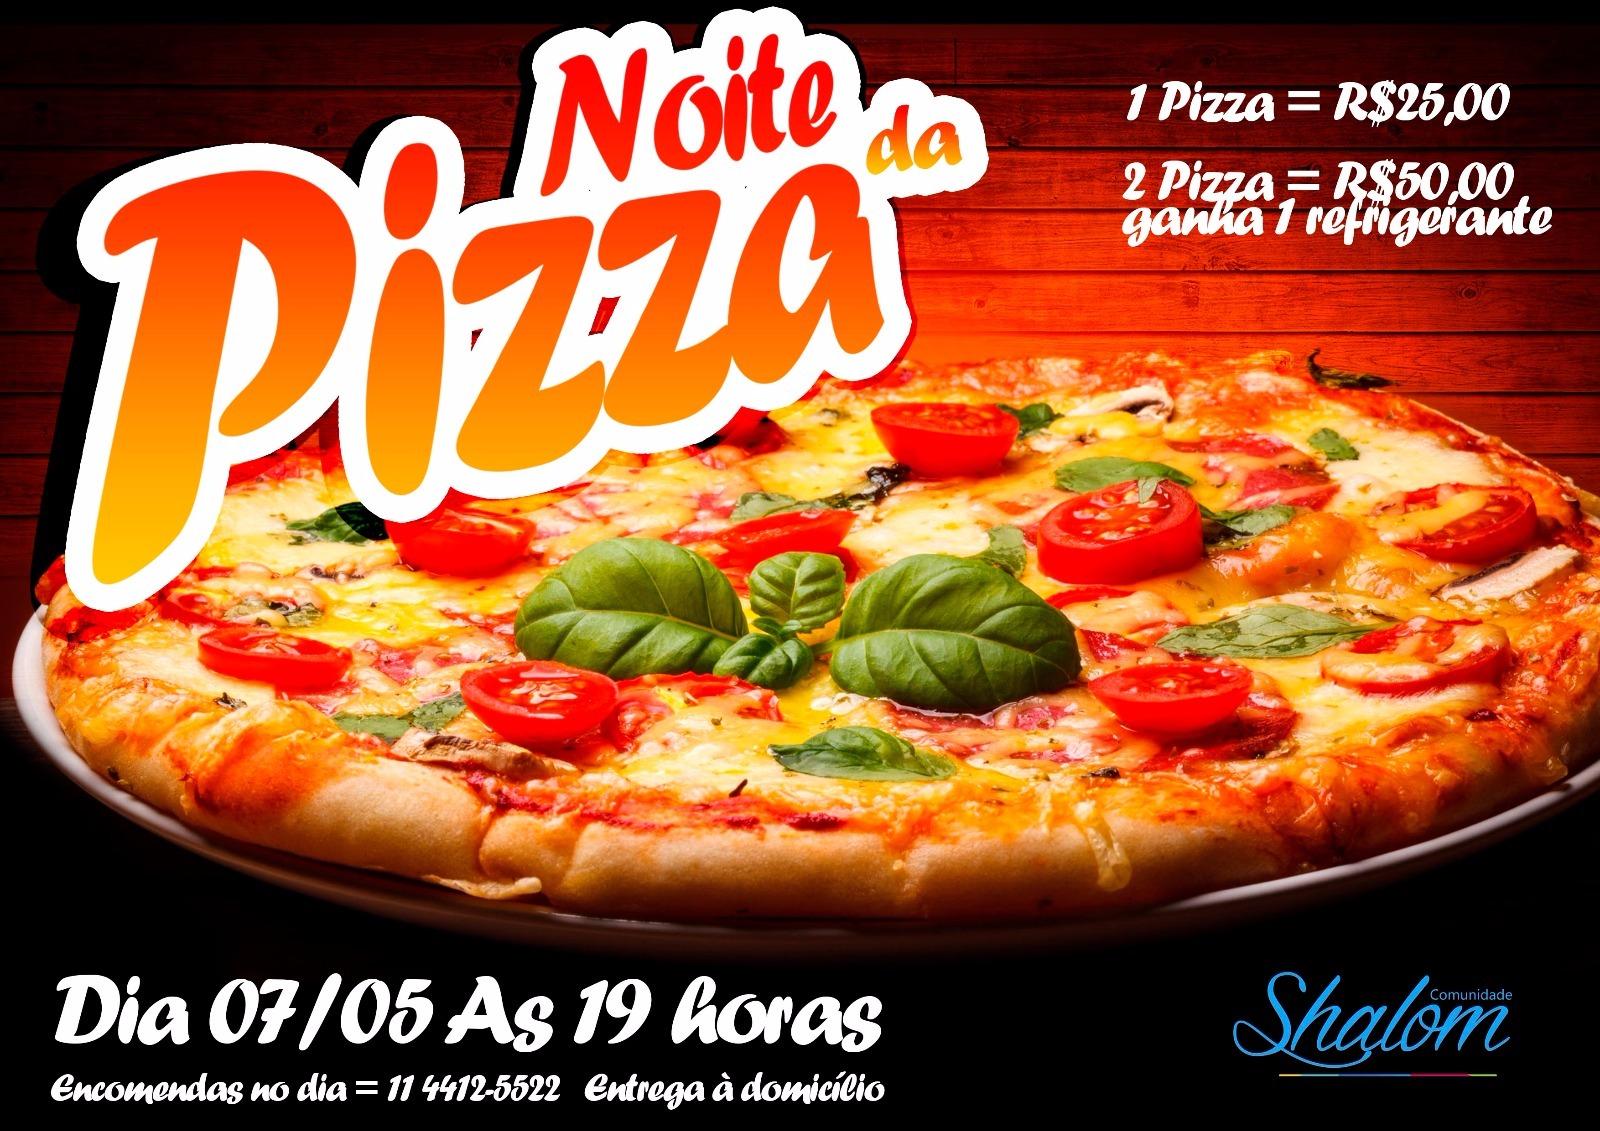 NOITE DA PIZZA NA SHALOM